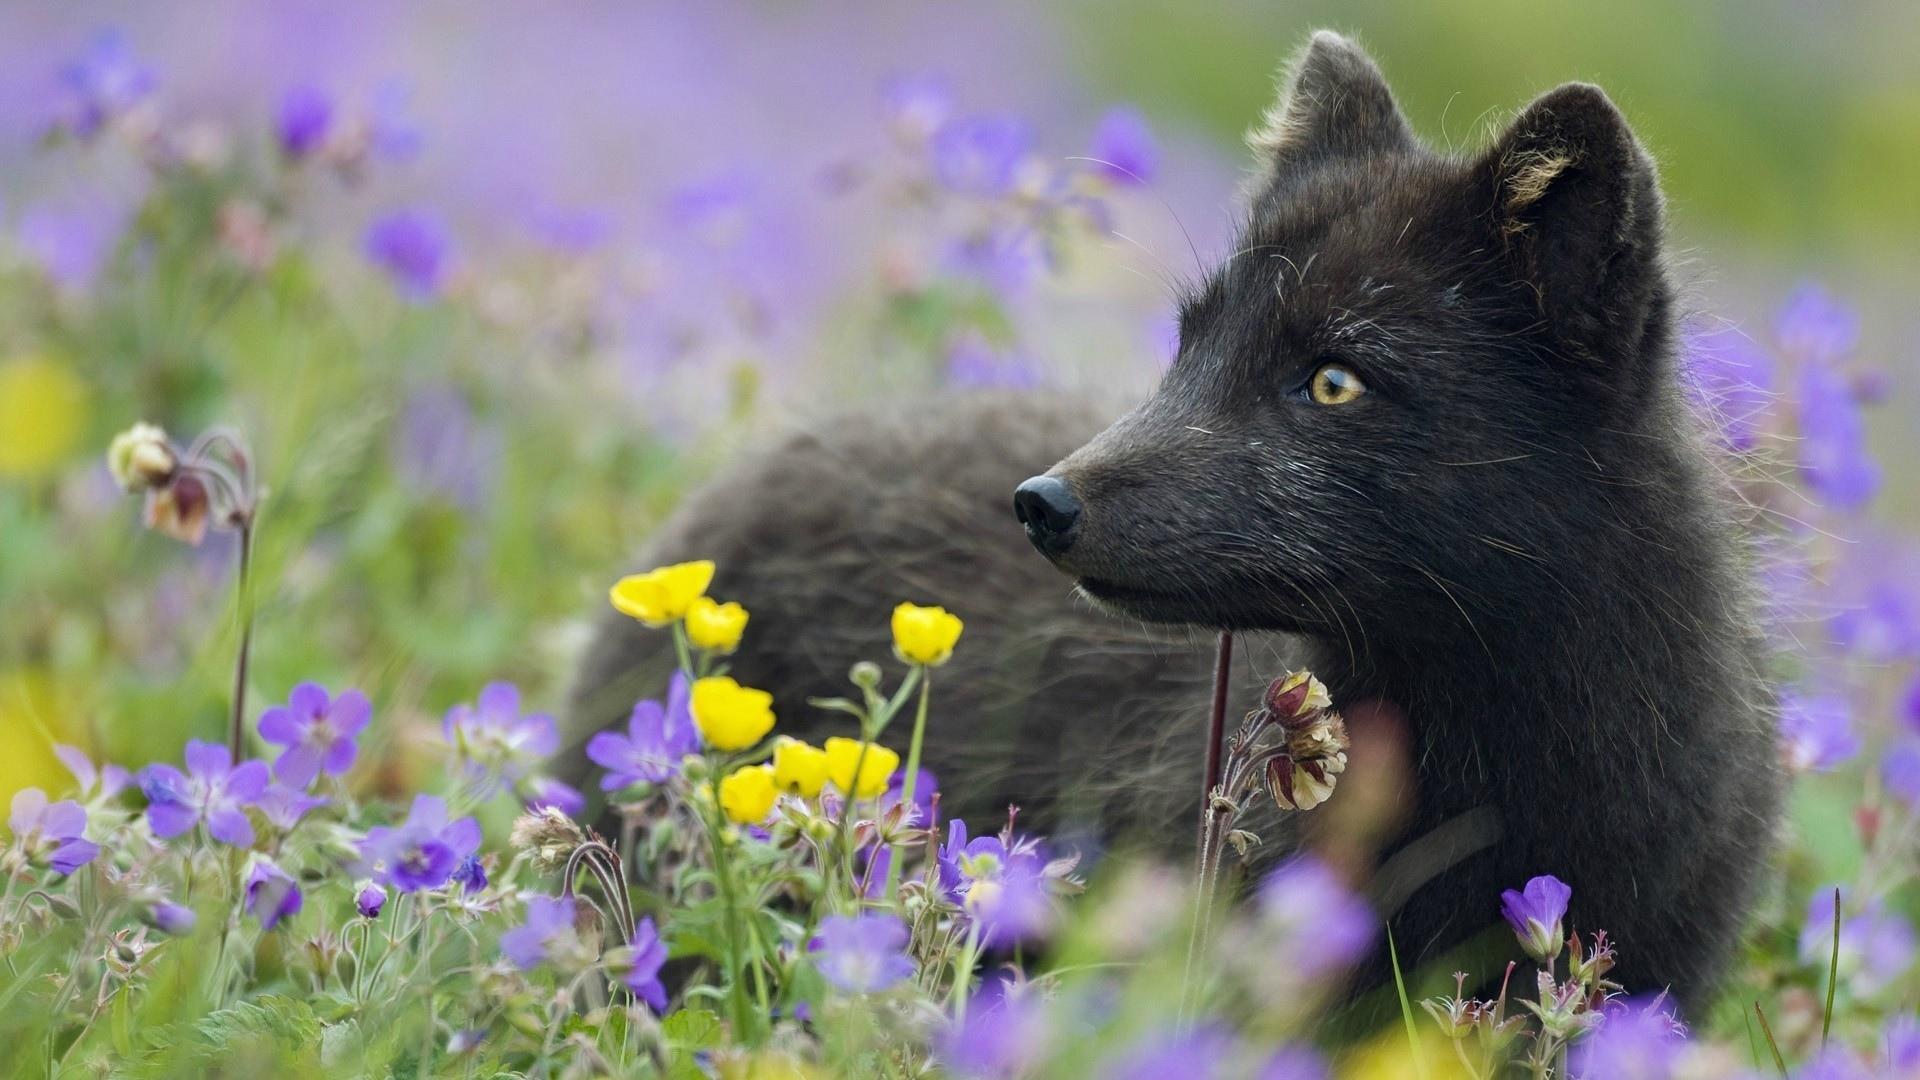 московский представляет волк нюхает цветы фото двух